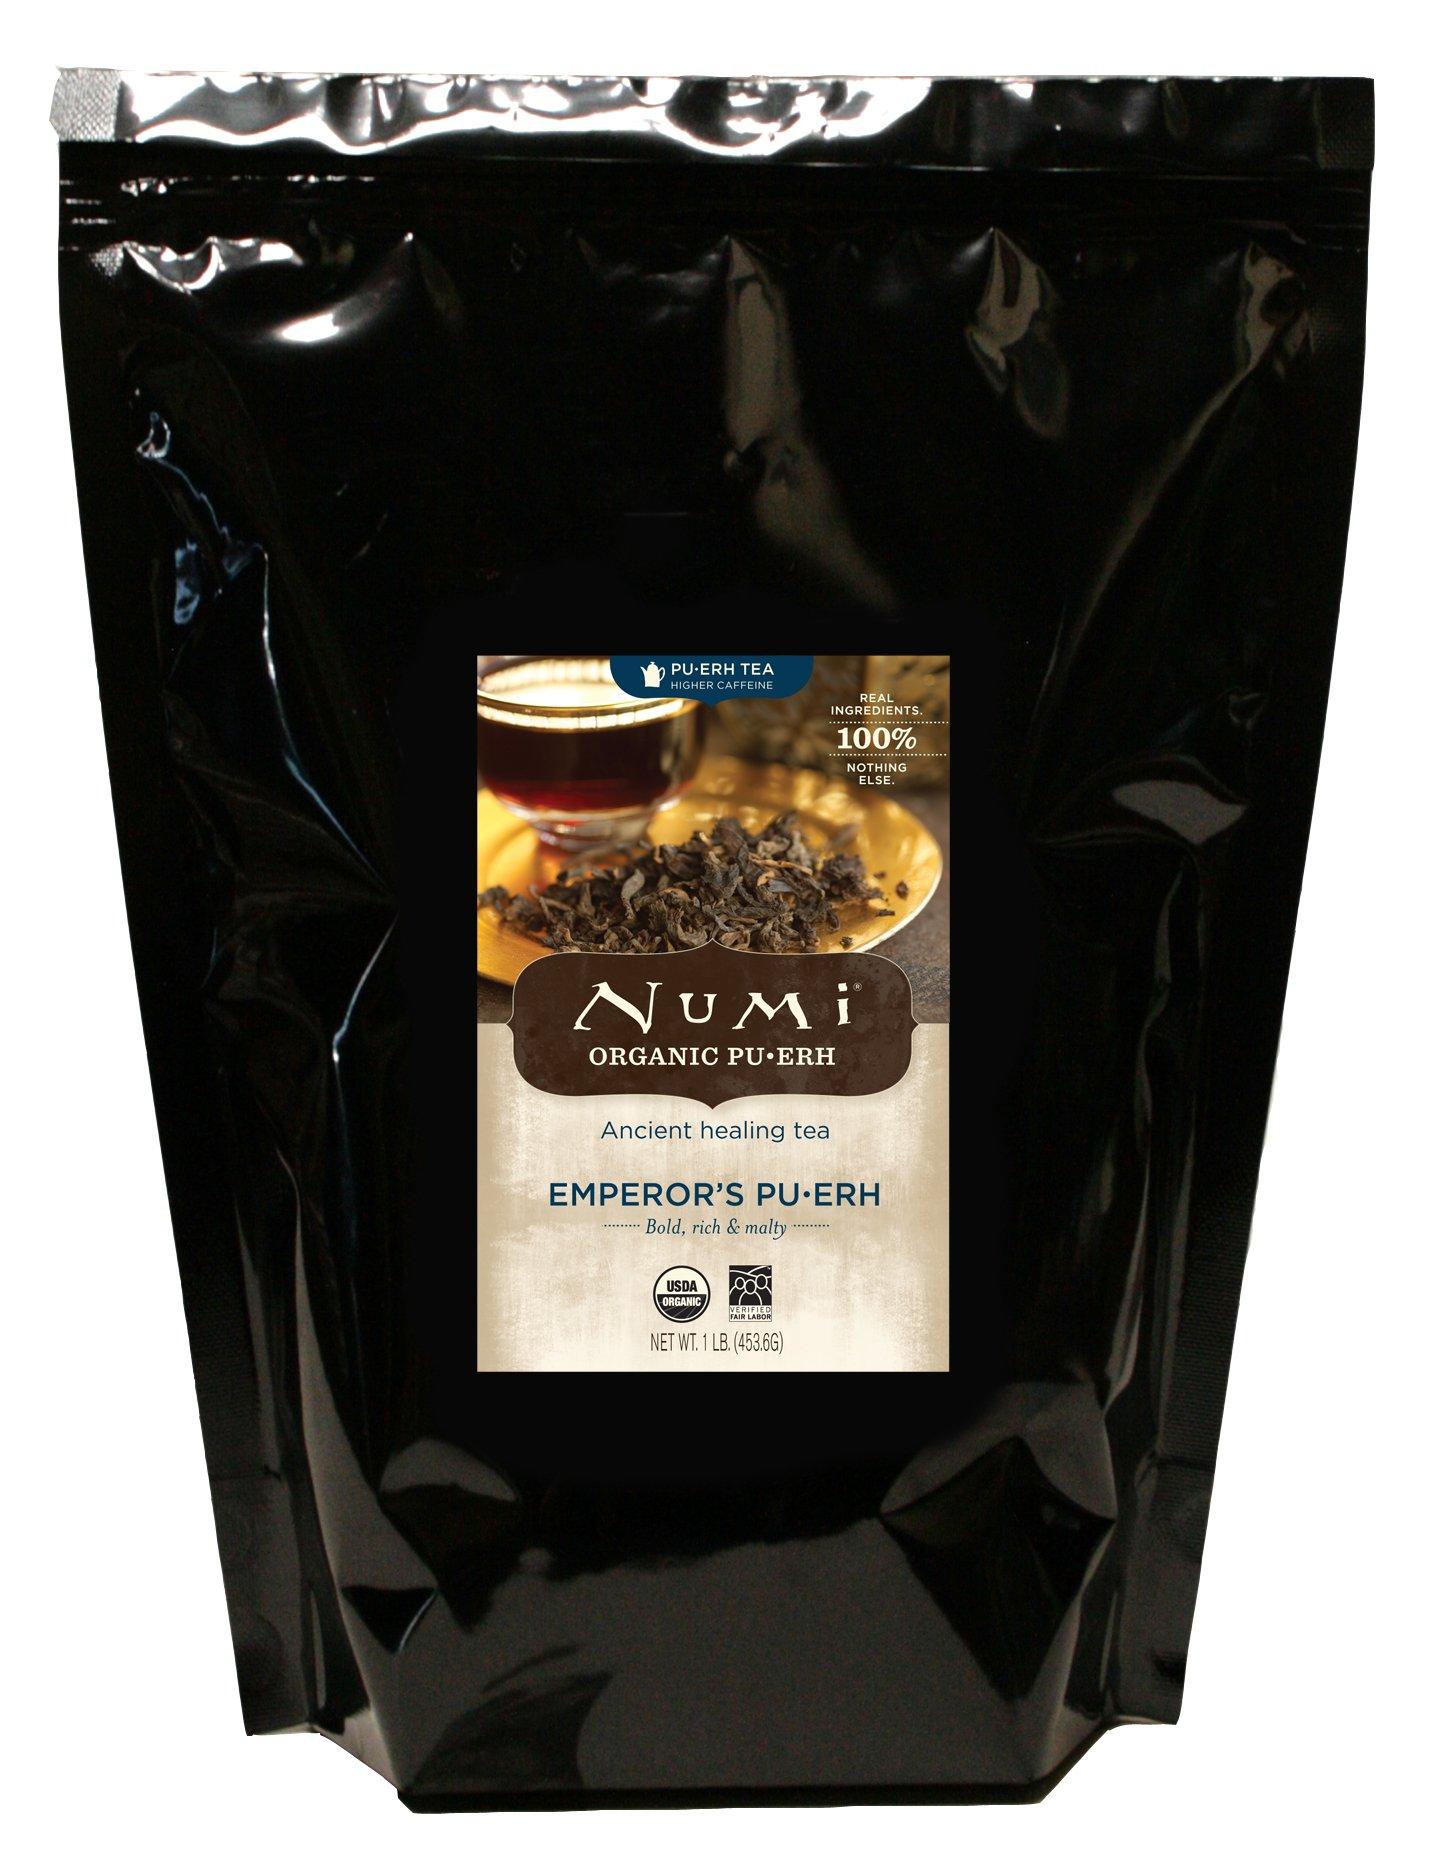 Numi Organic Tea Emperor's Pu-erh, 16 Ounce Pouch (Pack of 6), Loose Leaf Black Tea